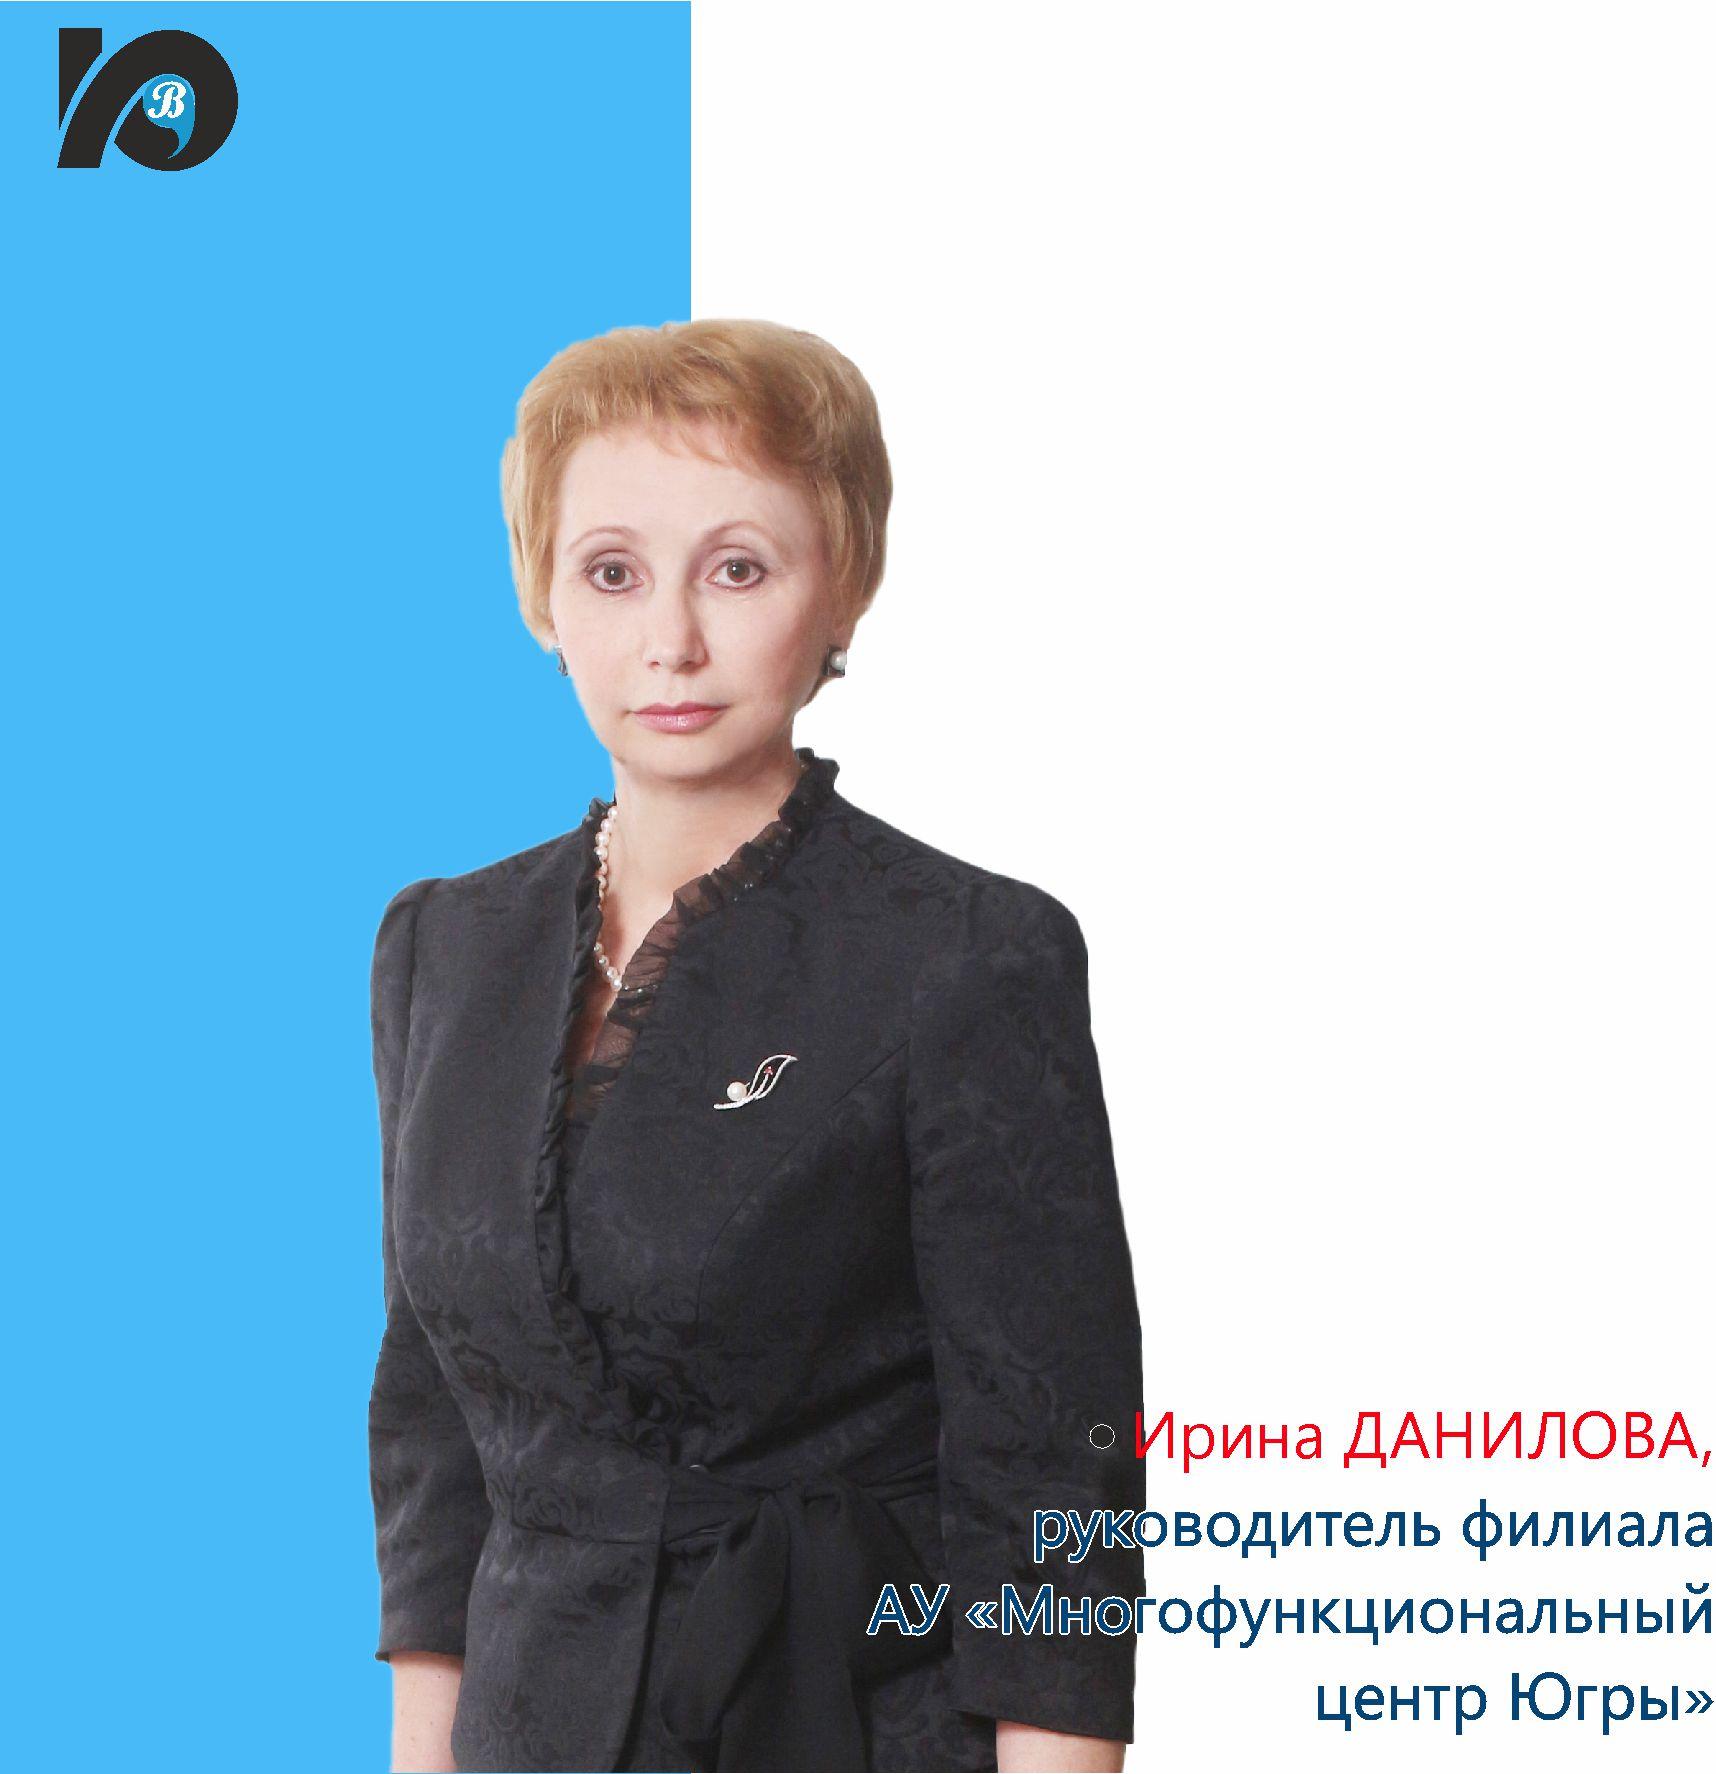 О том, как это стало возможным, нам рассказала руководитель филиала АУ «Многофункциональный центр Югры» в Югорске Ирина ДАНИЛОВА.